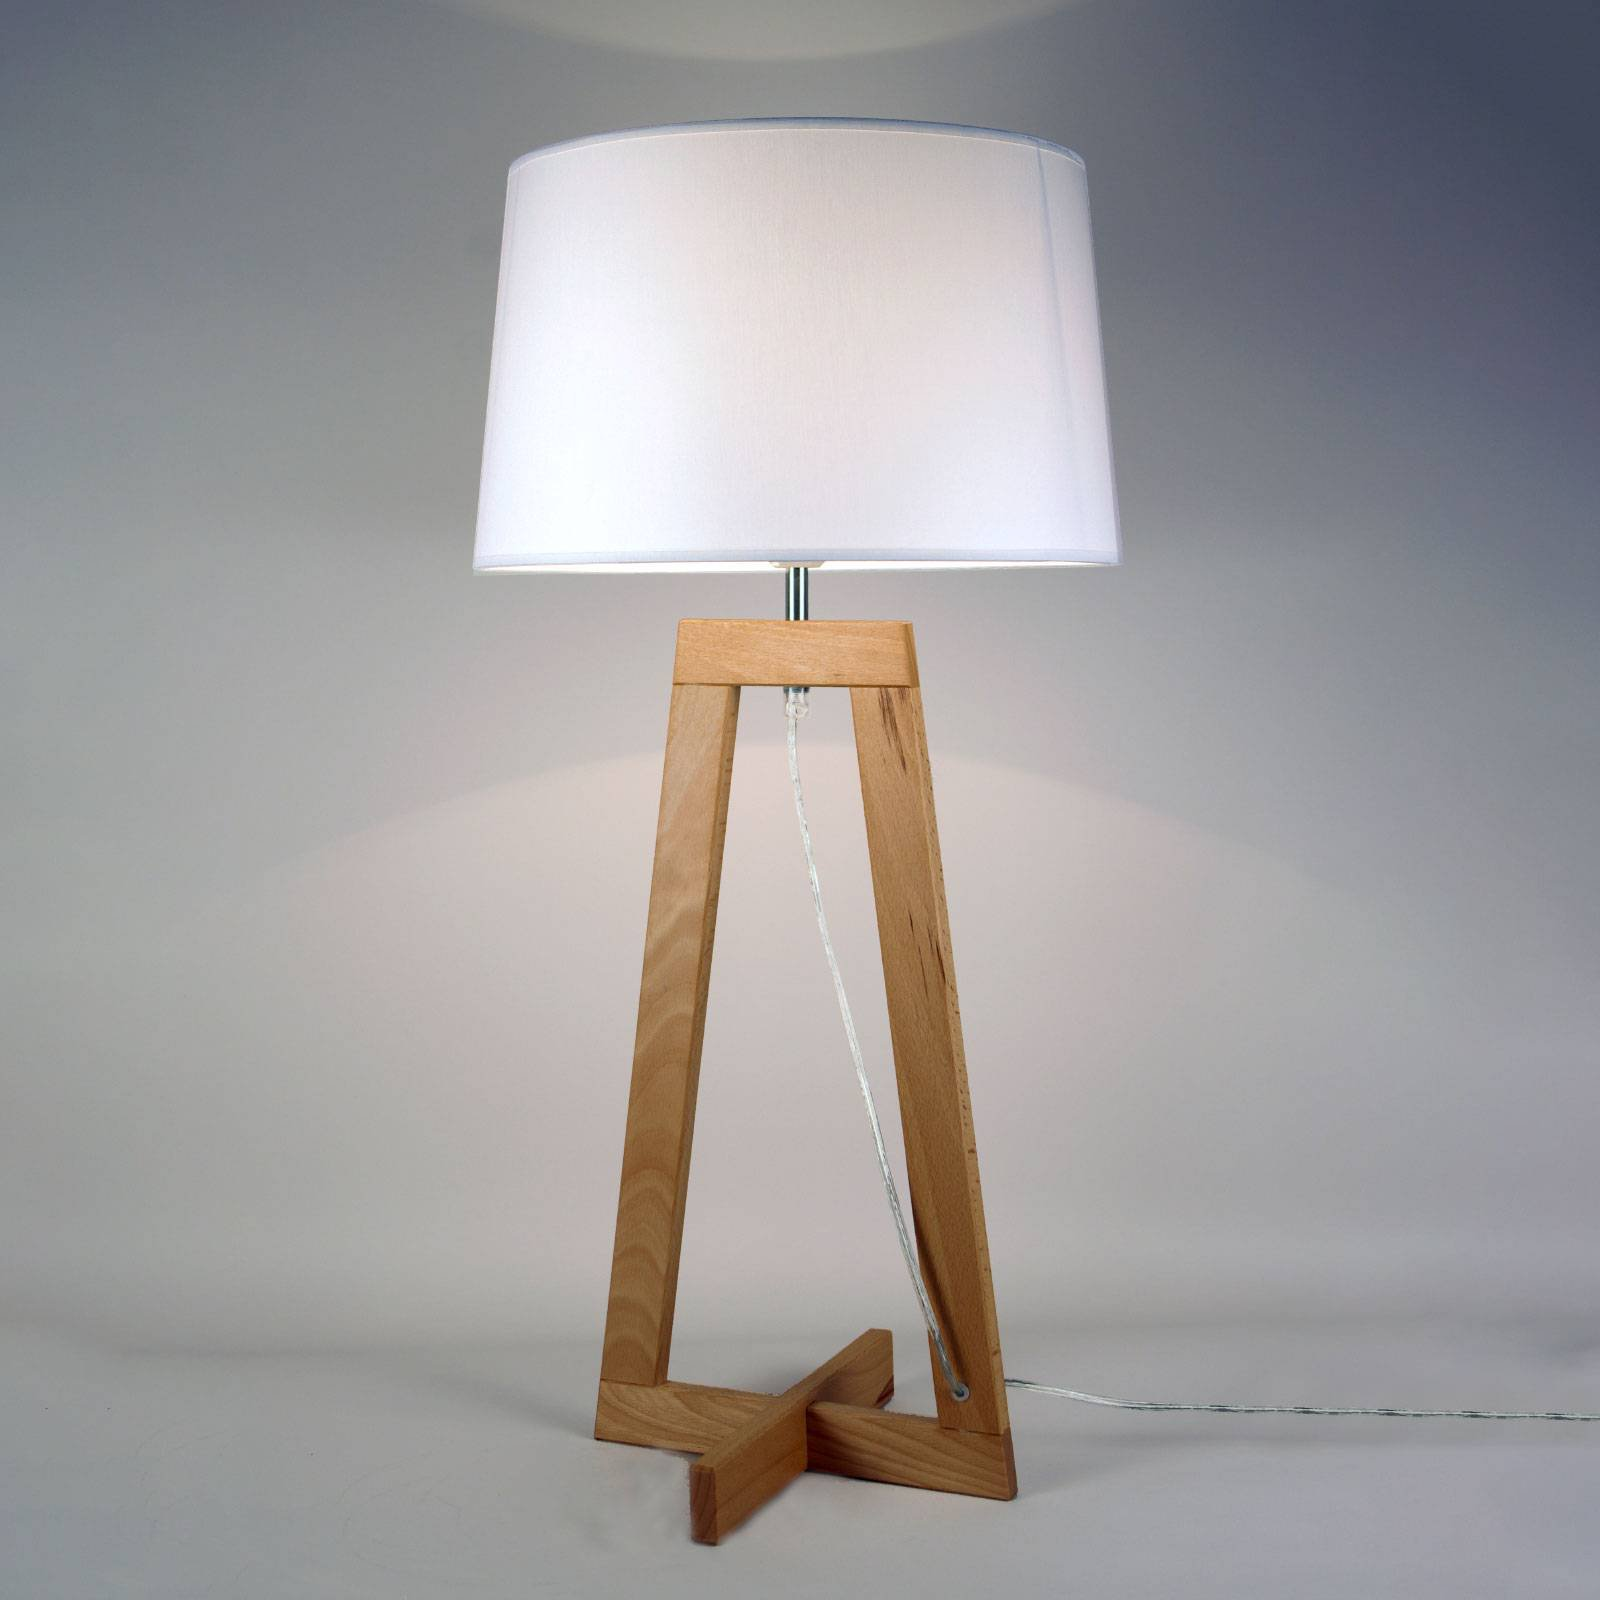 Sacha LT bordlampe av tekstil og tre